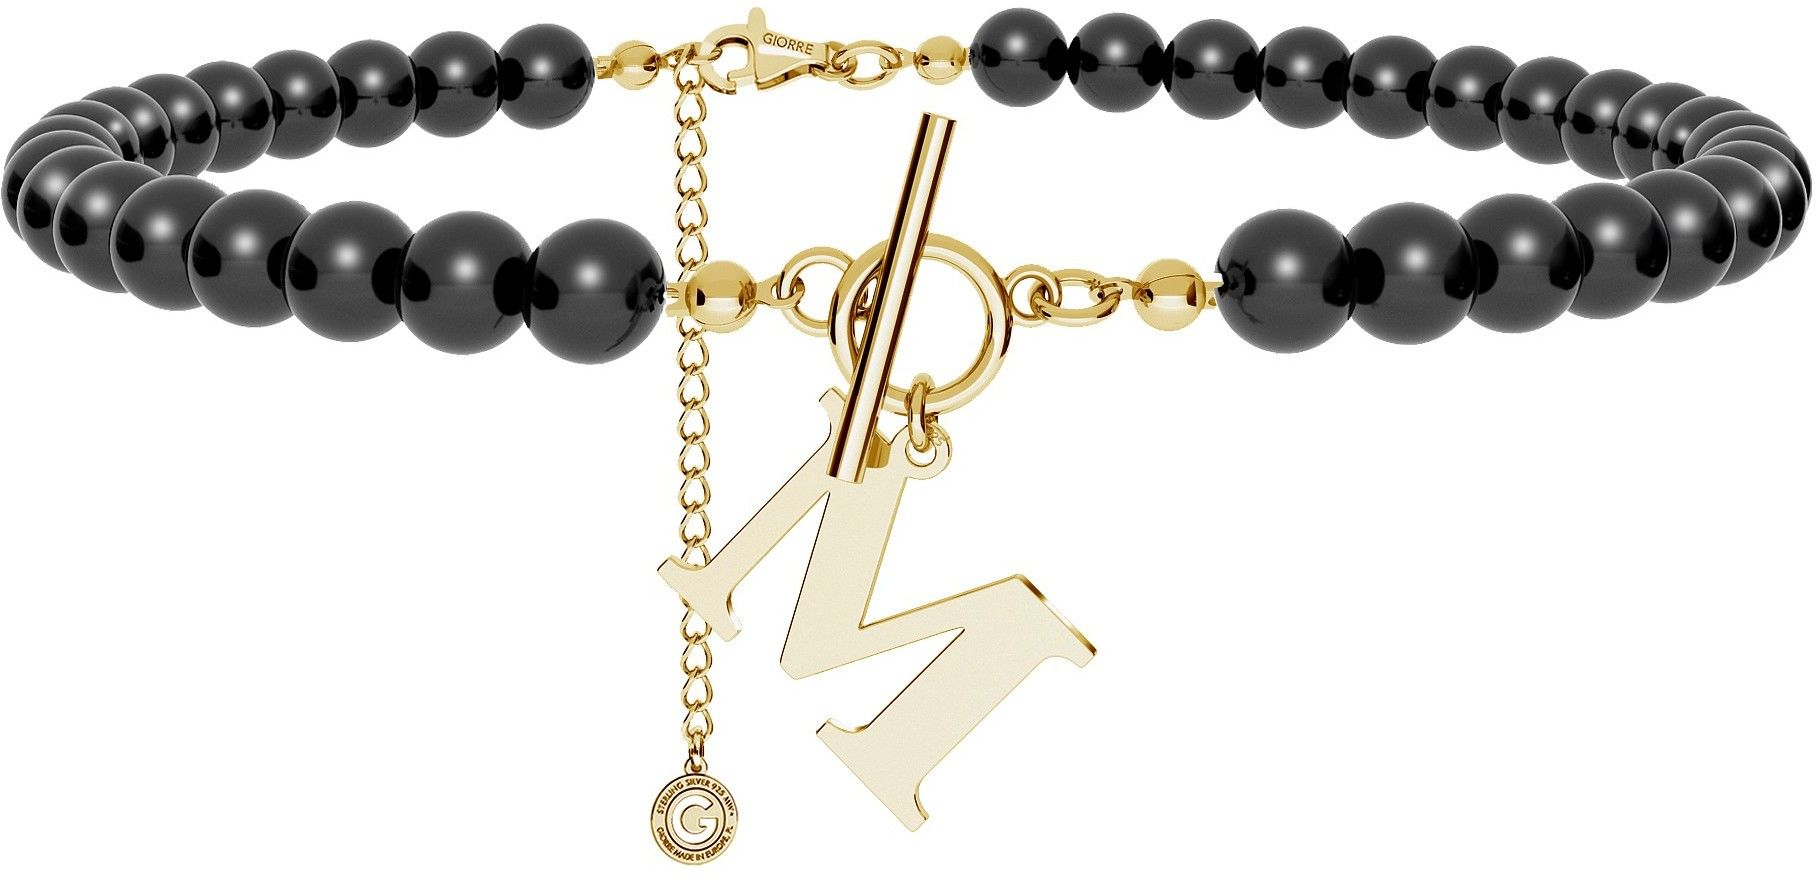 Czarny perłowy choker z dowolną literą, Swarovski, srebro 925 : Litera - C, Srebro - kolor pokrycia - Pokrycie platyną